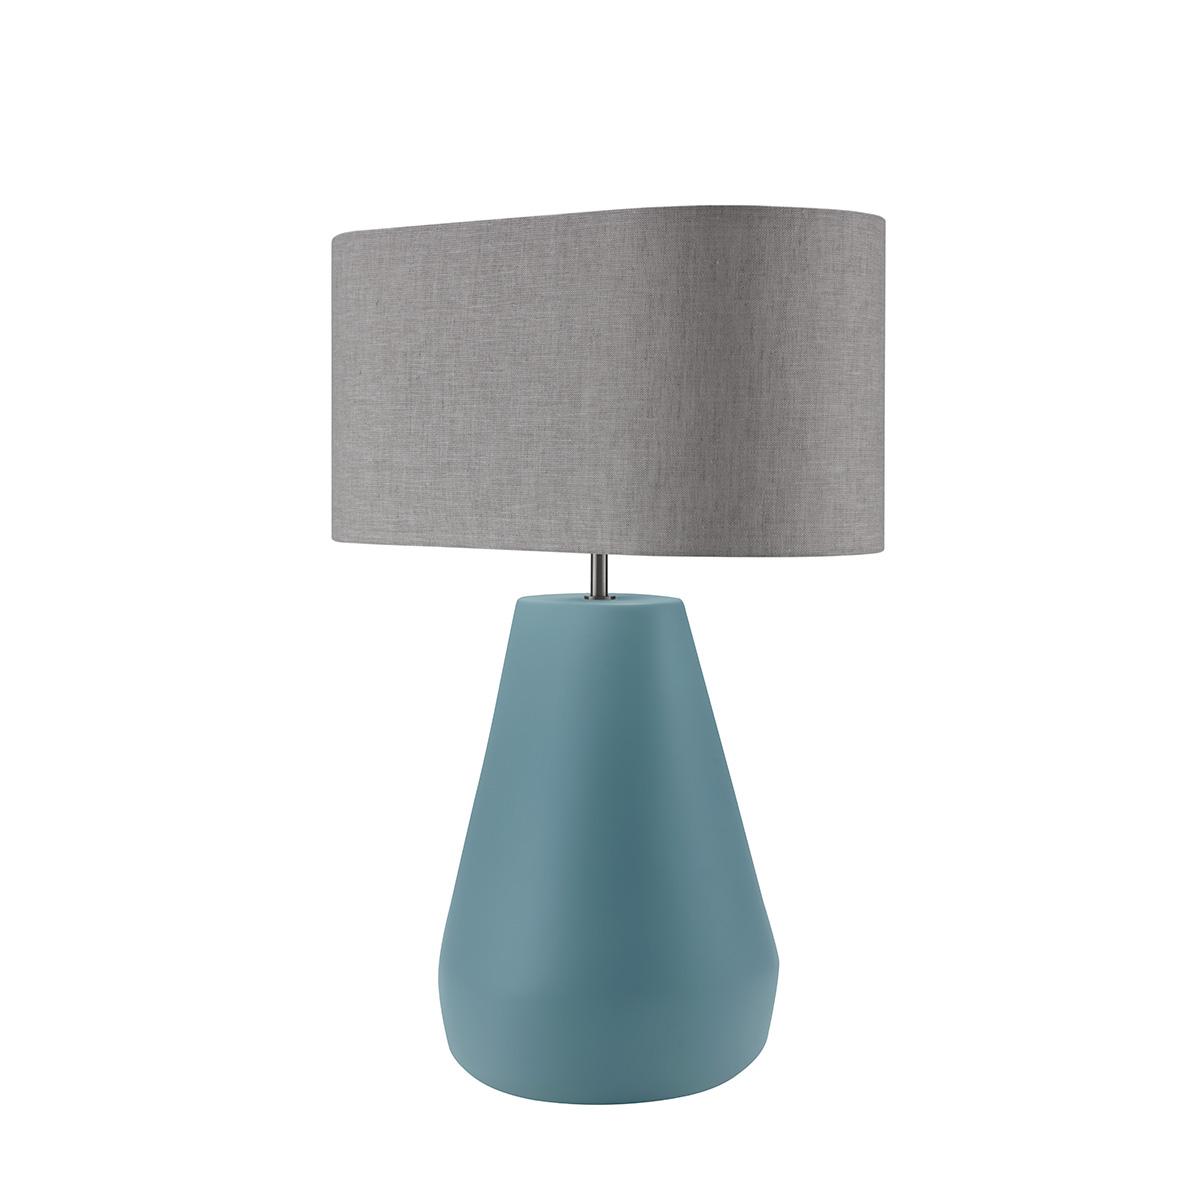 Μοντέρνα επιτραπέζια λάμπα PAPAYA modern table lamp